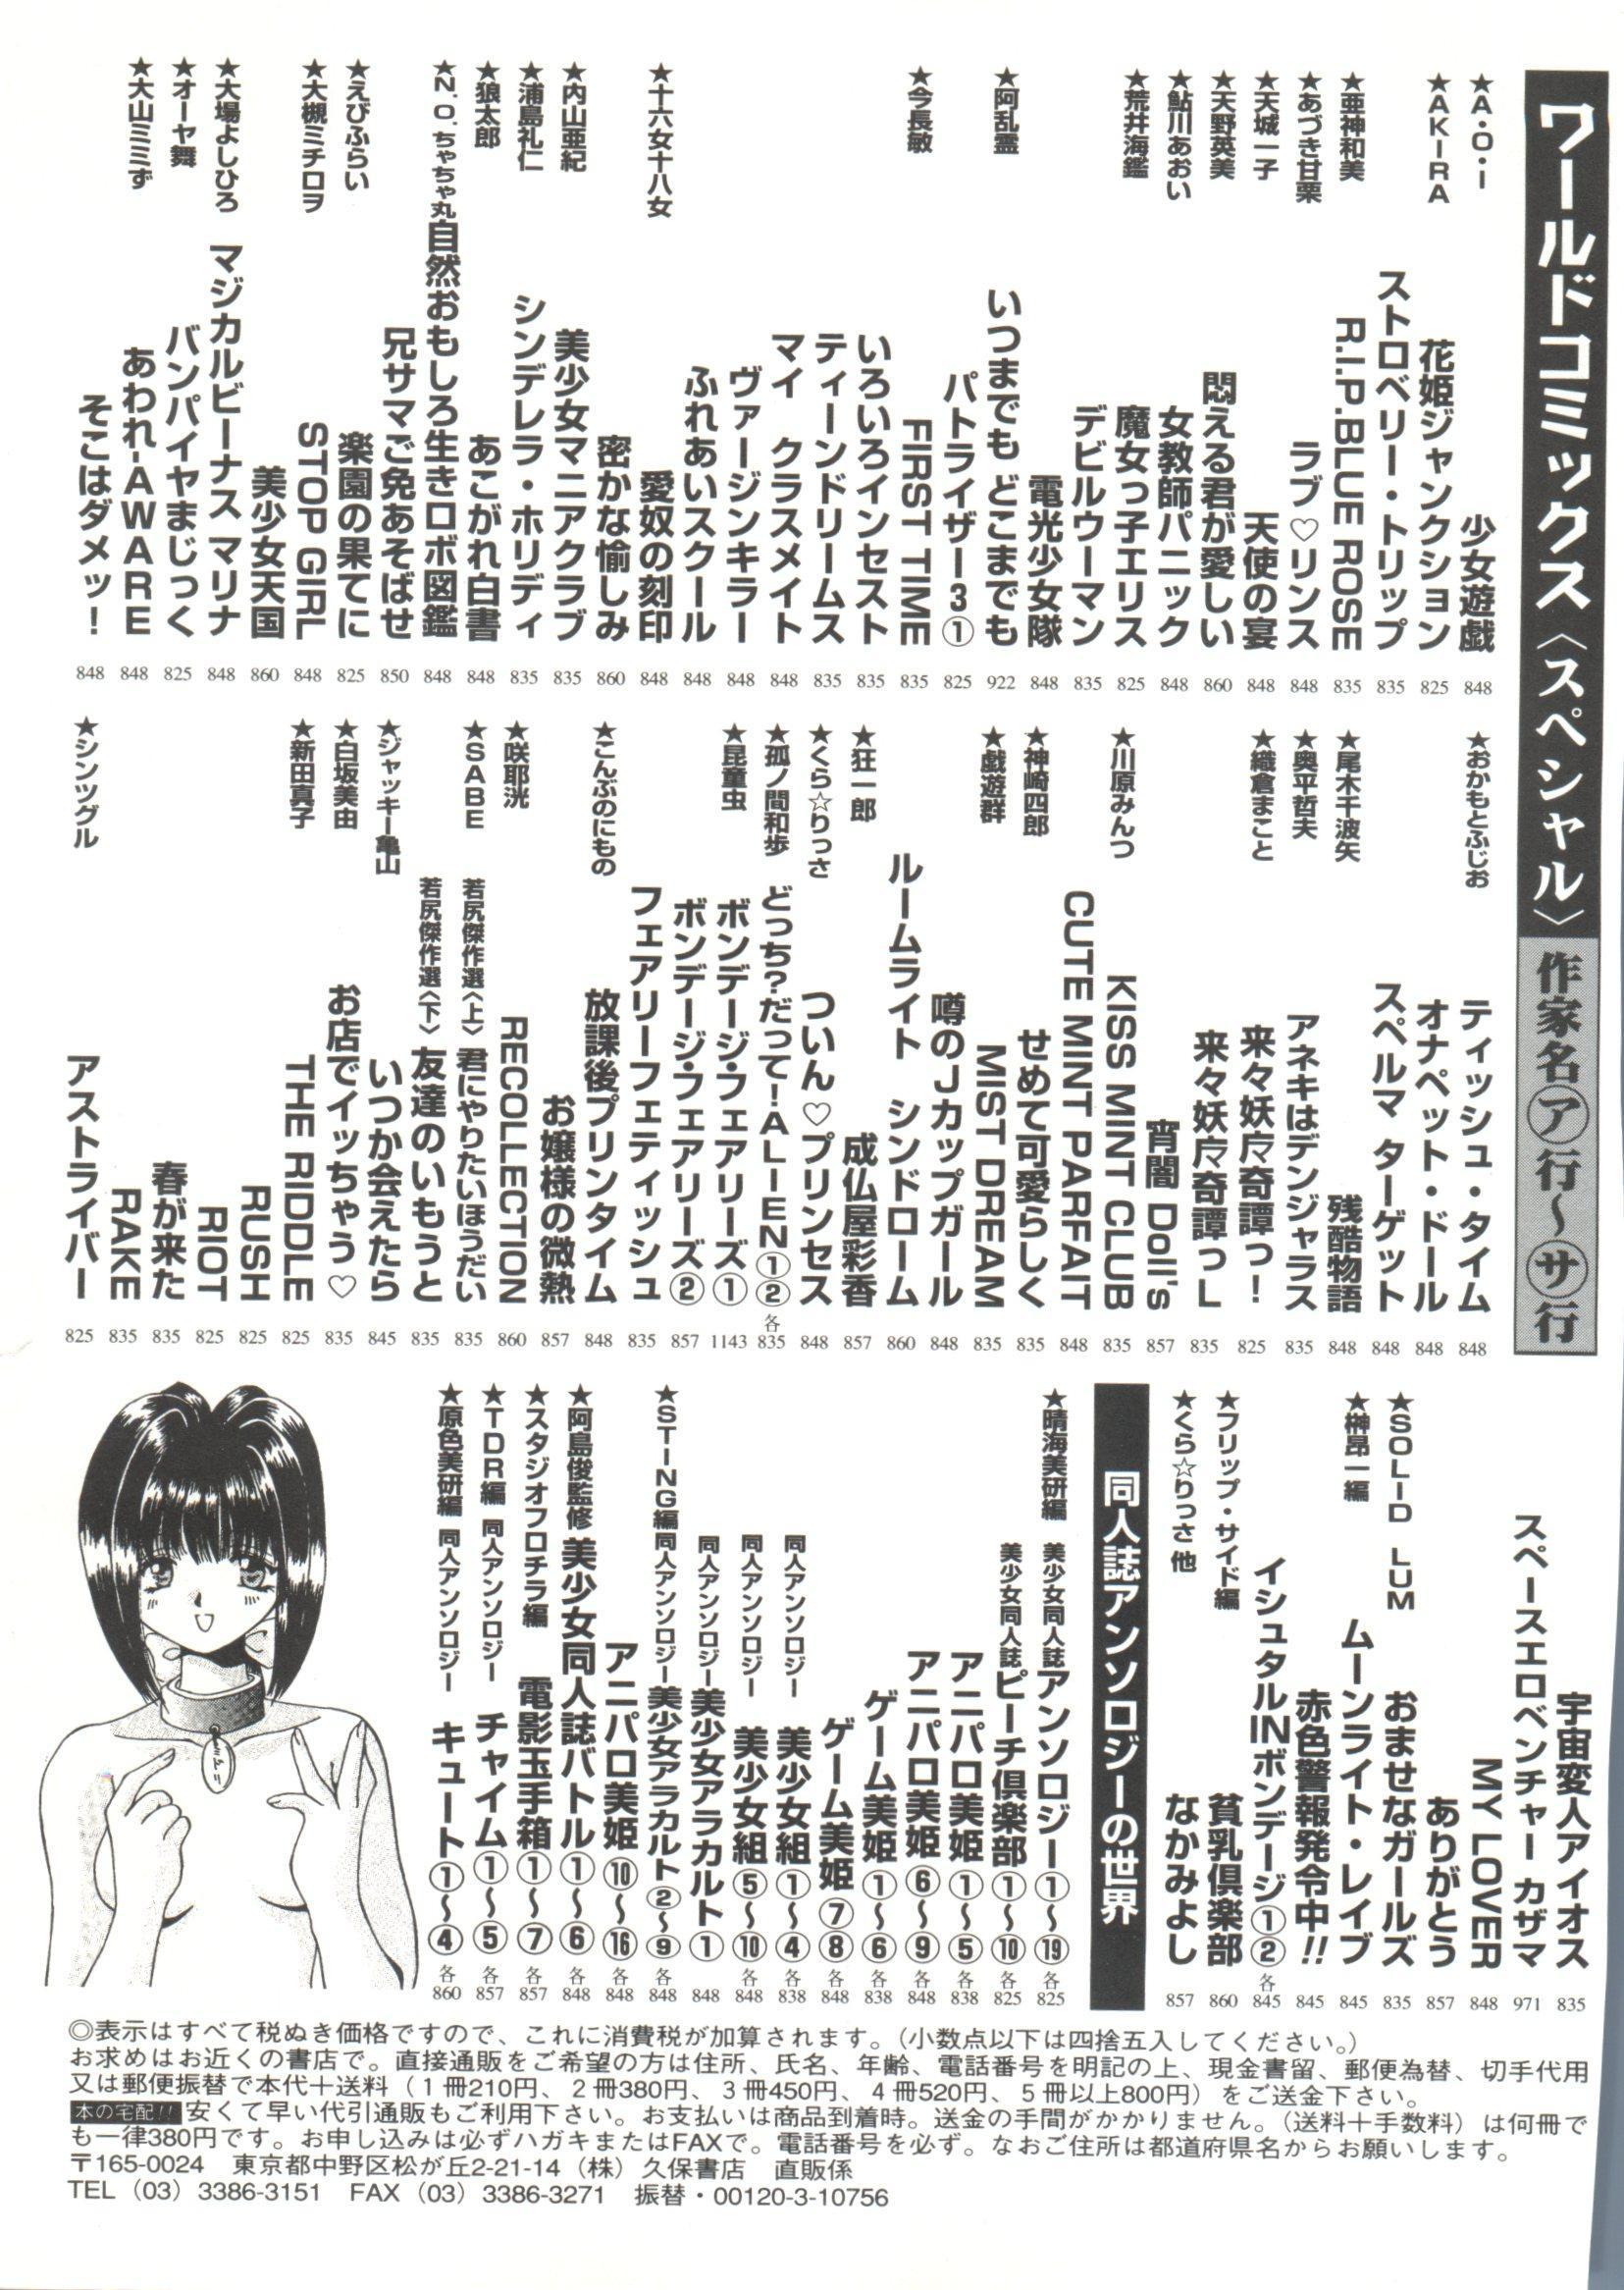 Bishoujo Doujinshi Anthology Cute 4 144